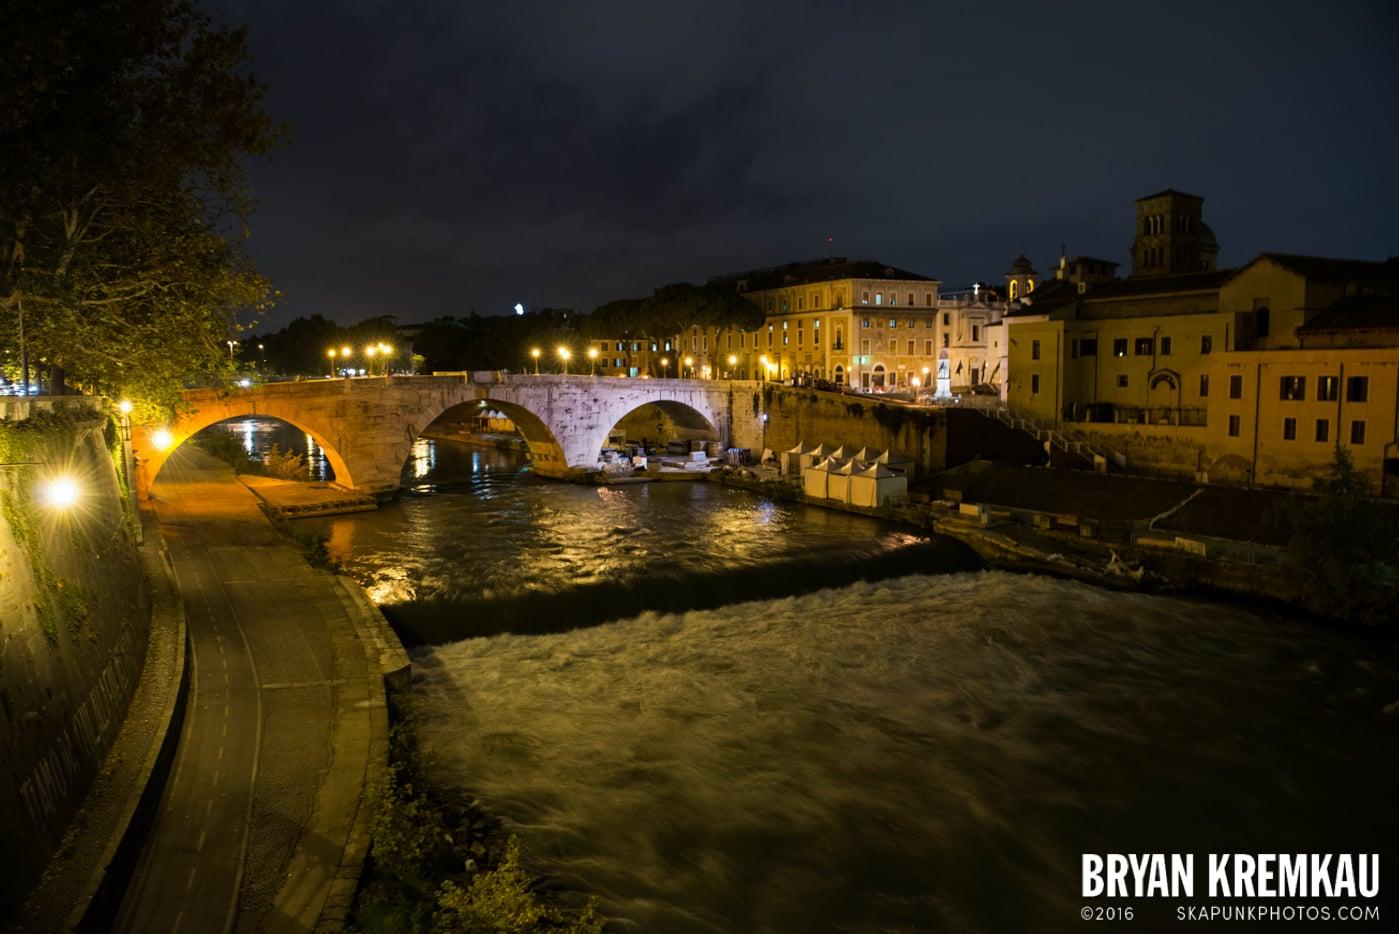 Italy Vacation - Day 2: Rome - 9.10.13 (21)